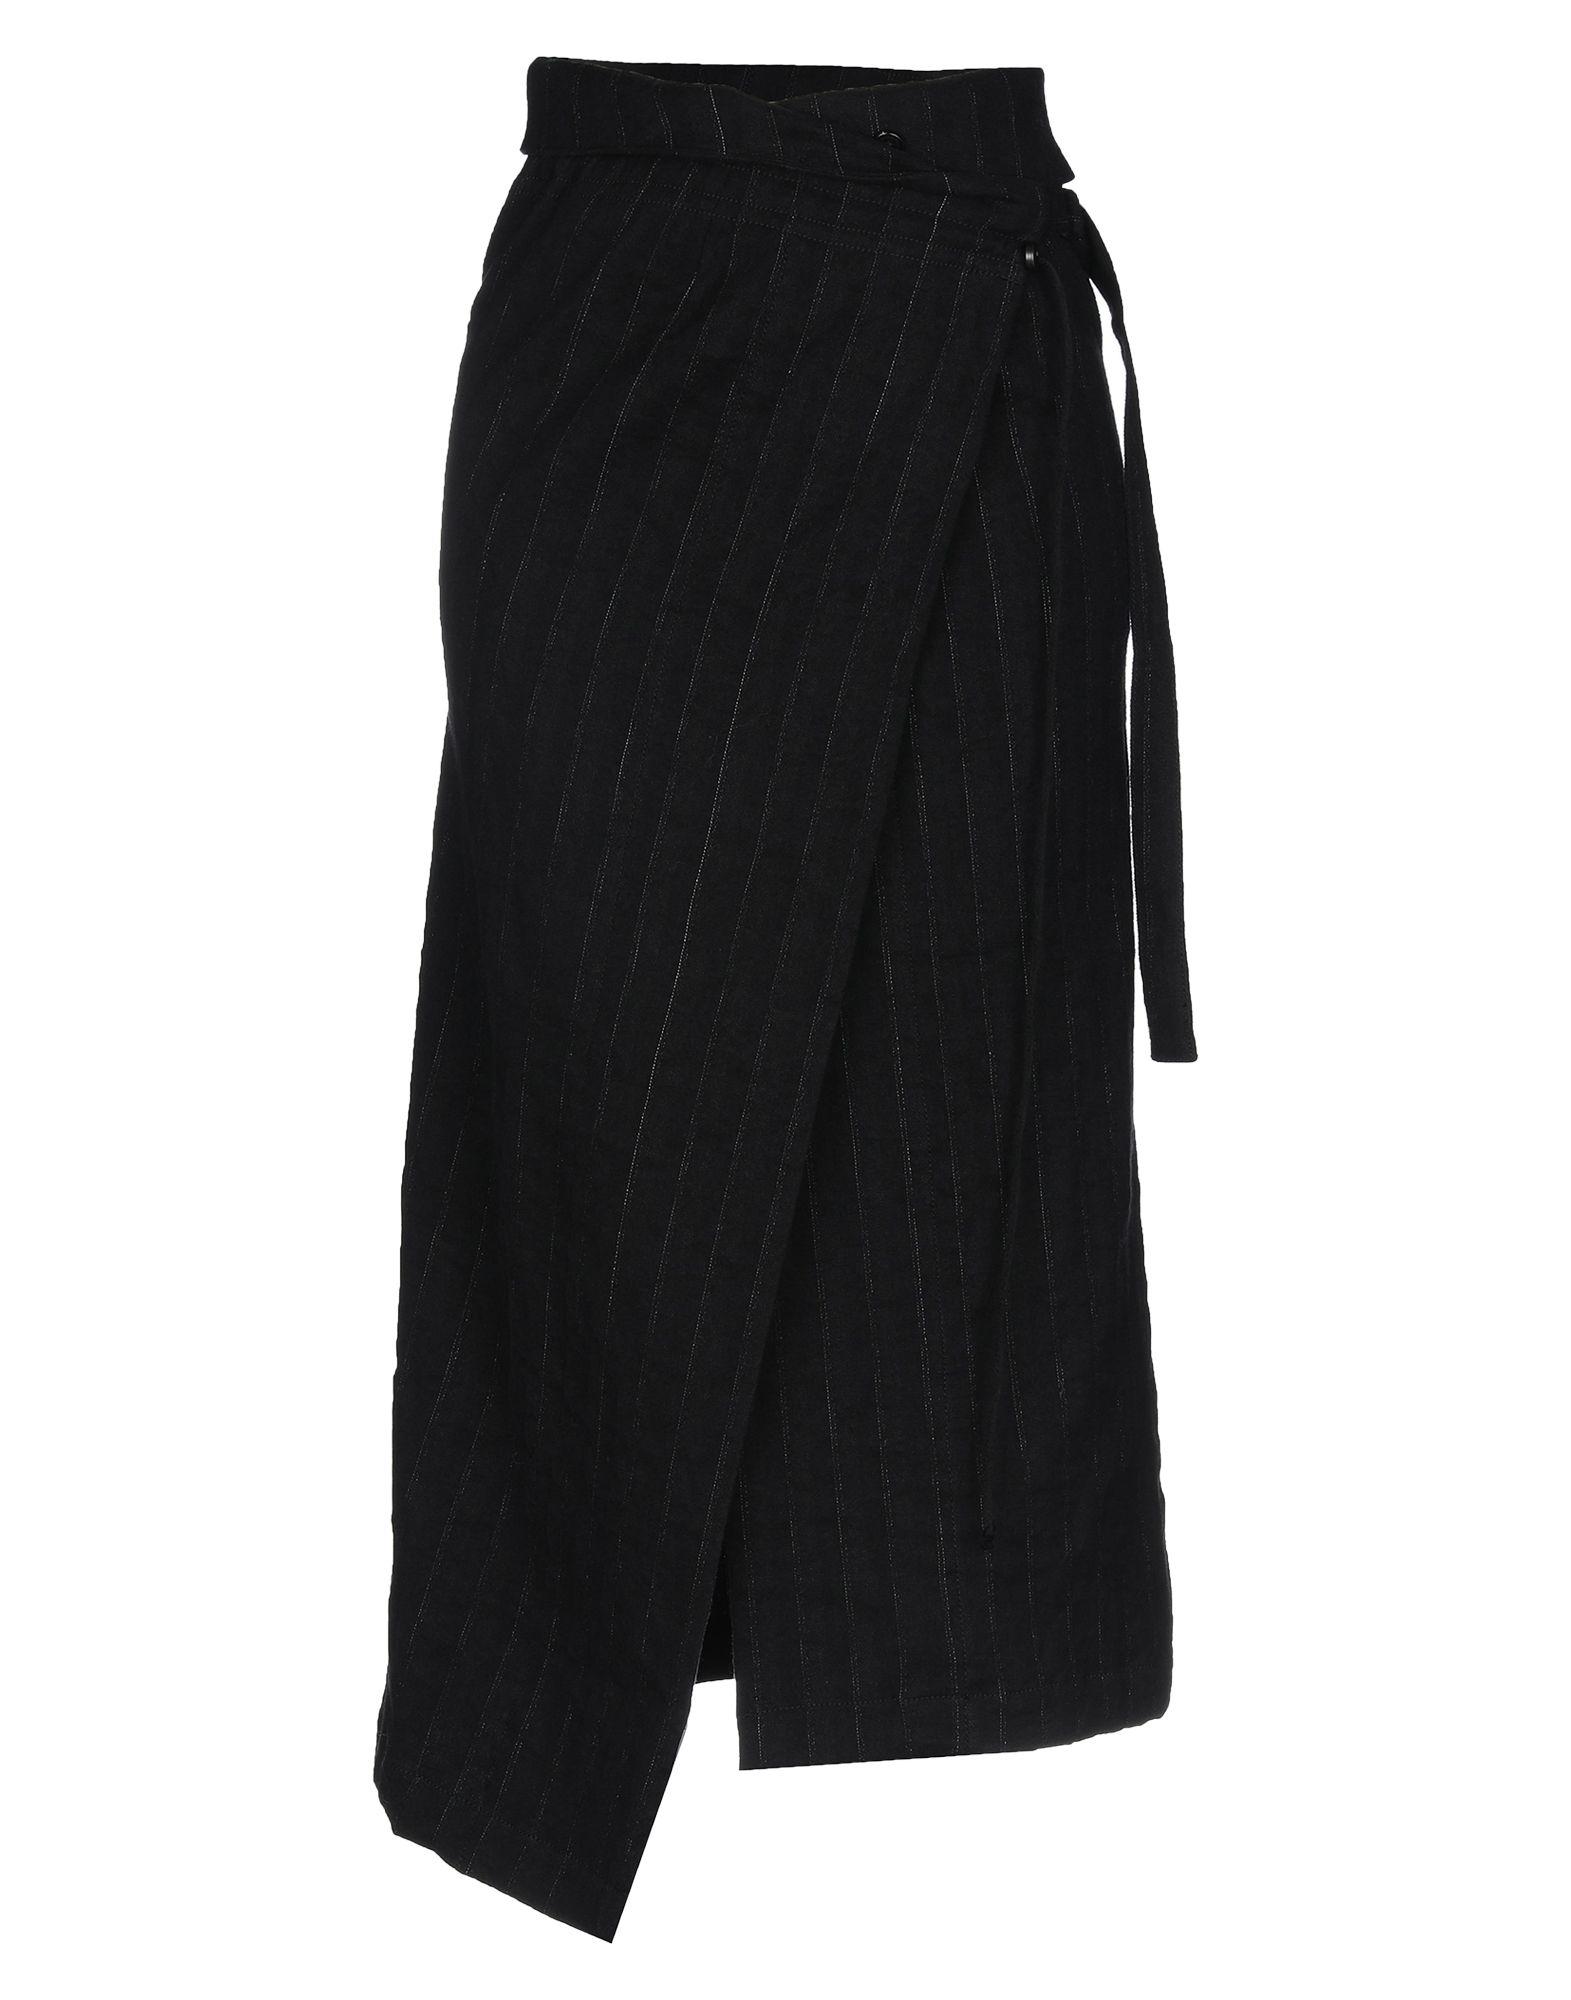 ANN DEMEULEMEESTER Юбка длиной 3/4 ann demeulemeester черная юбка в полоску